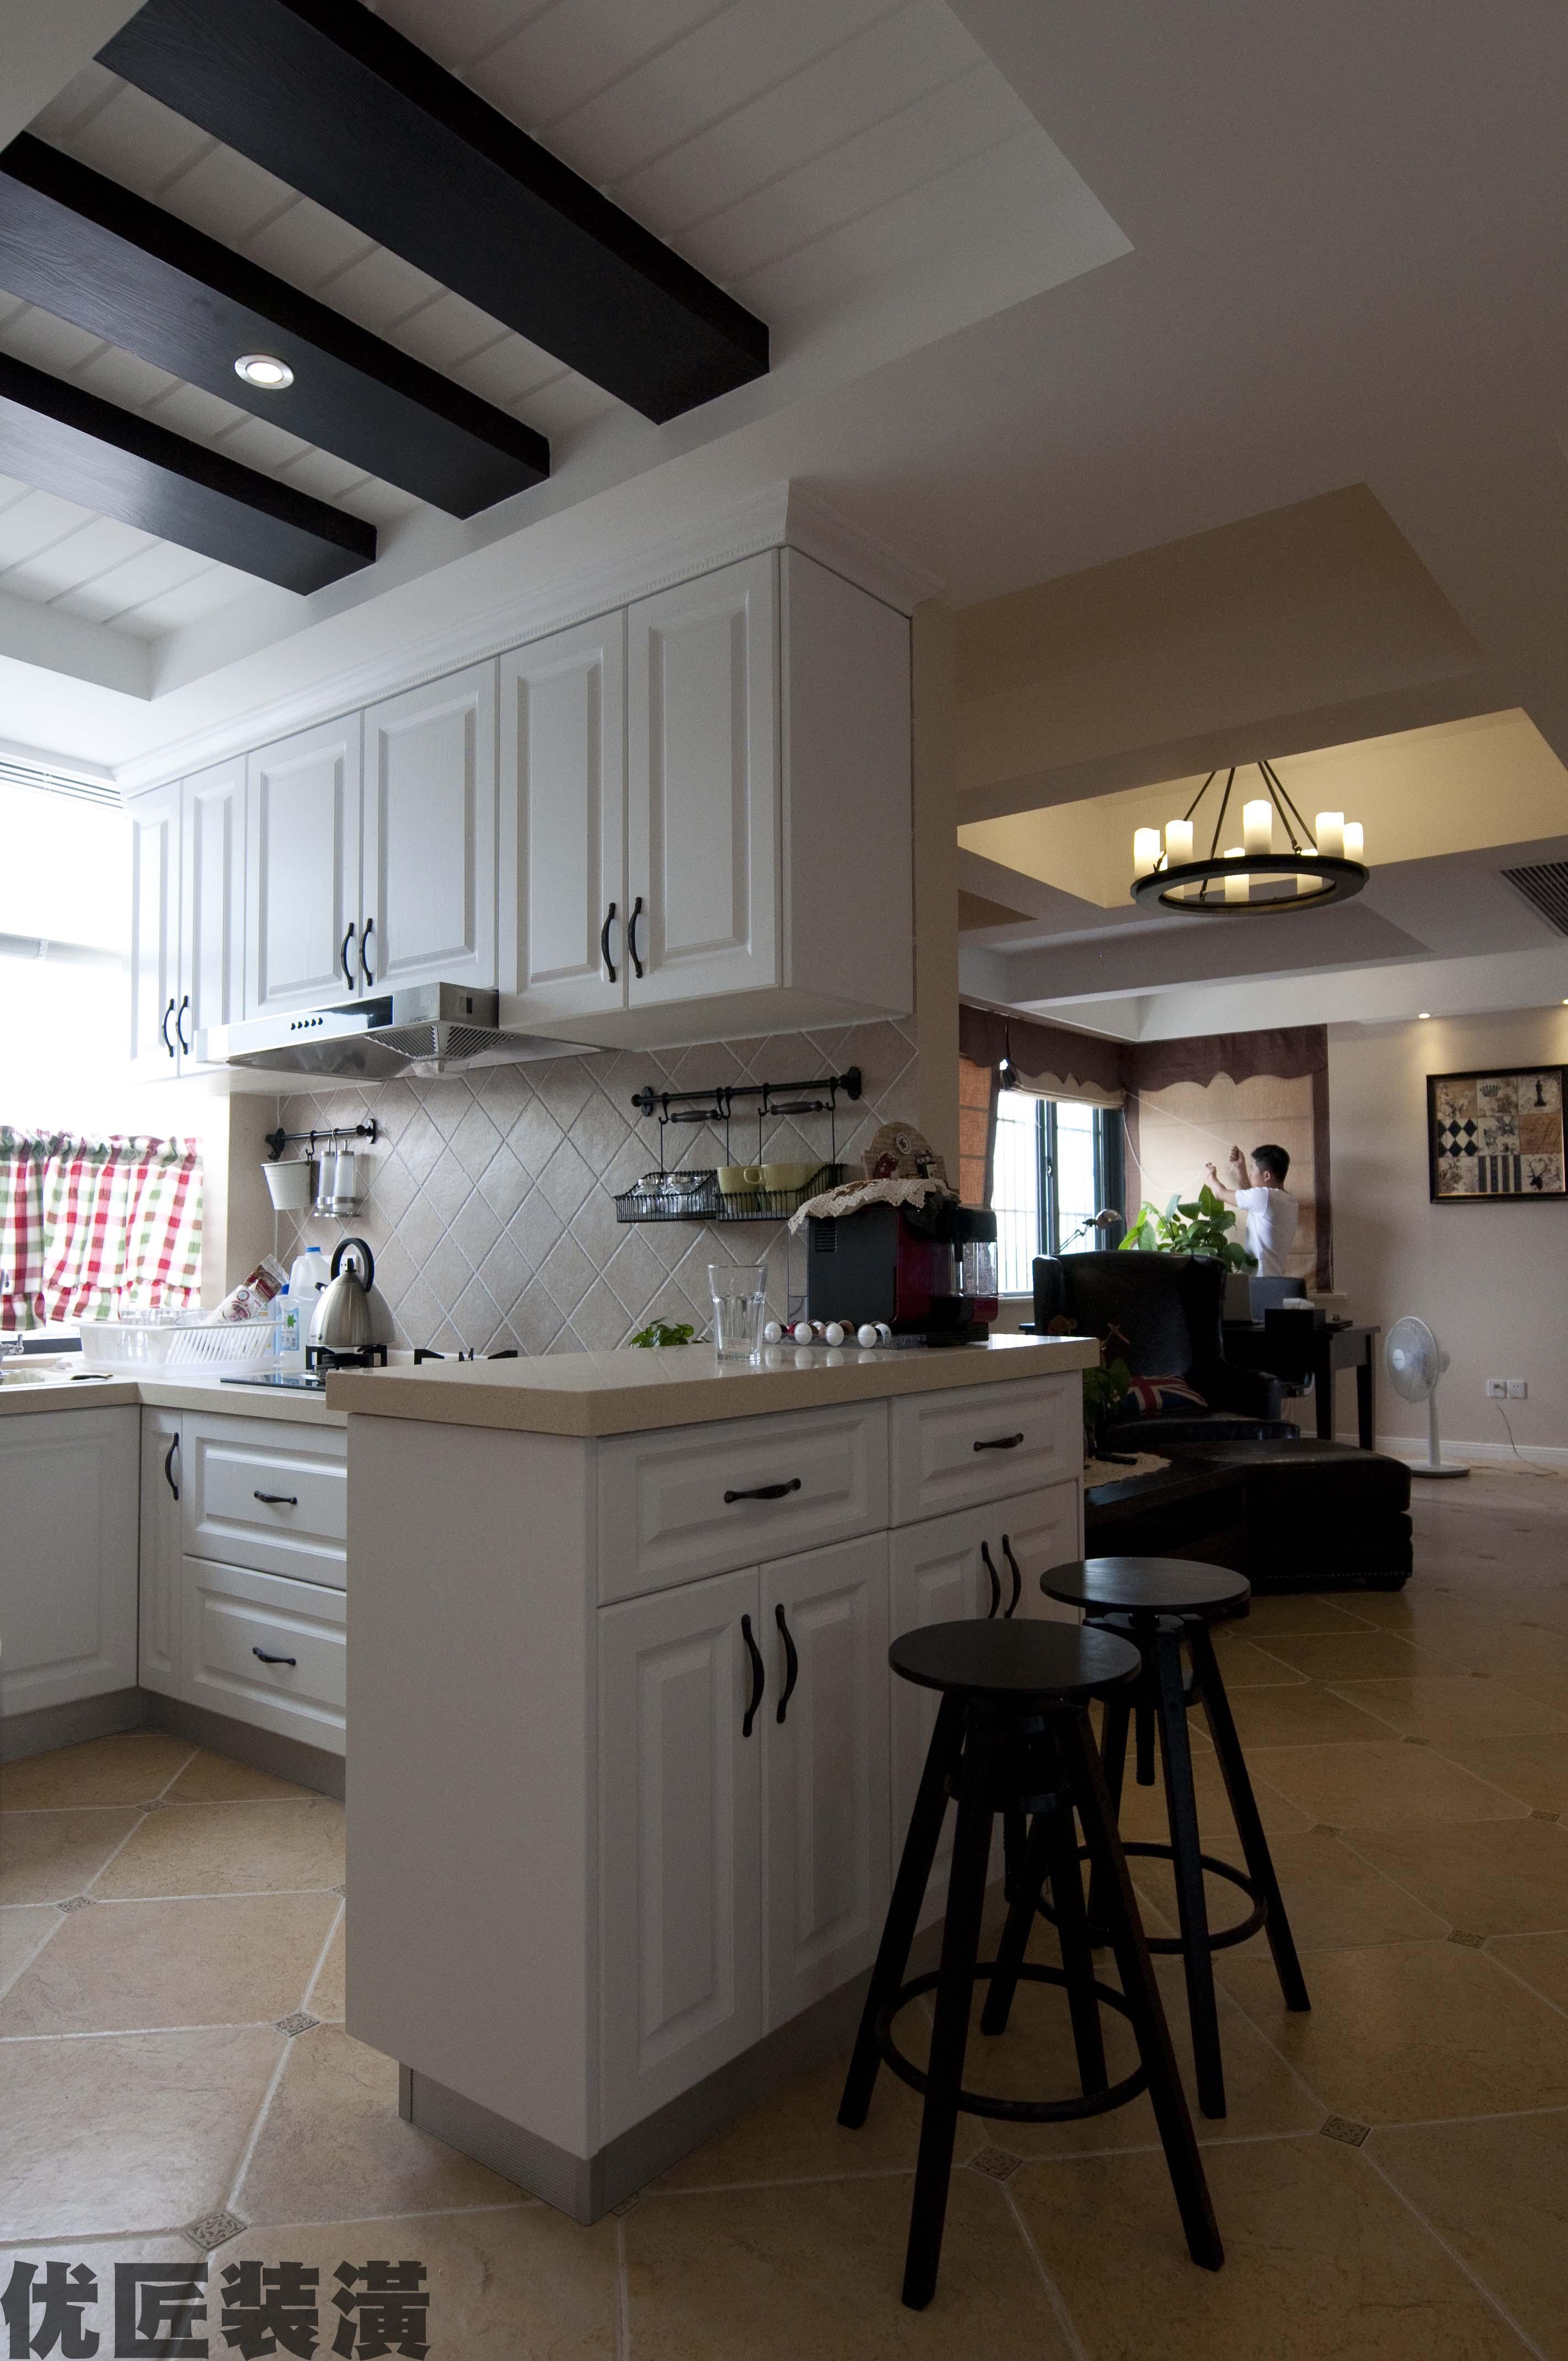 欧式家庭厨房吧台装修效果图图片